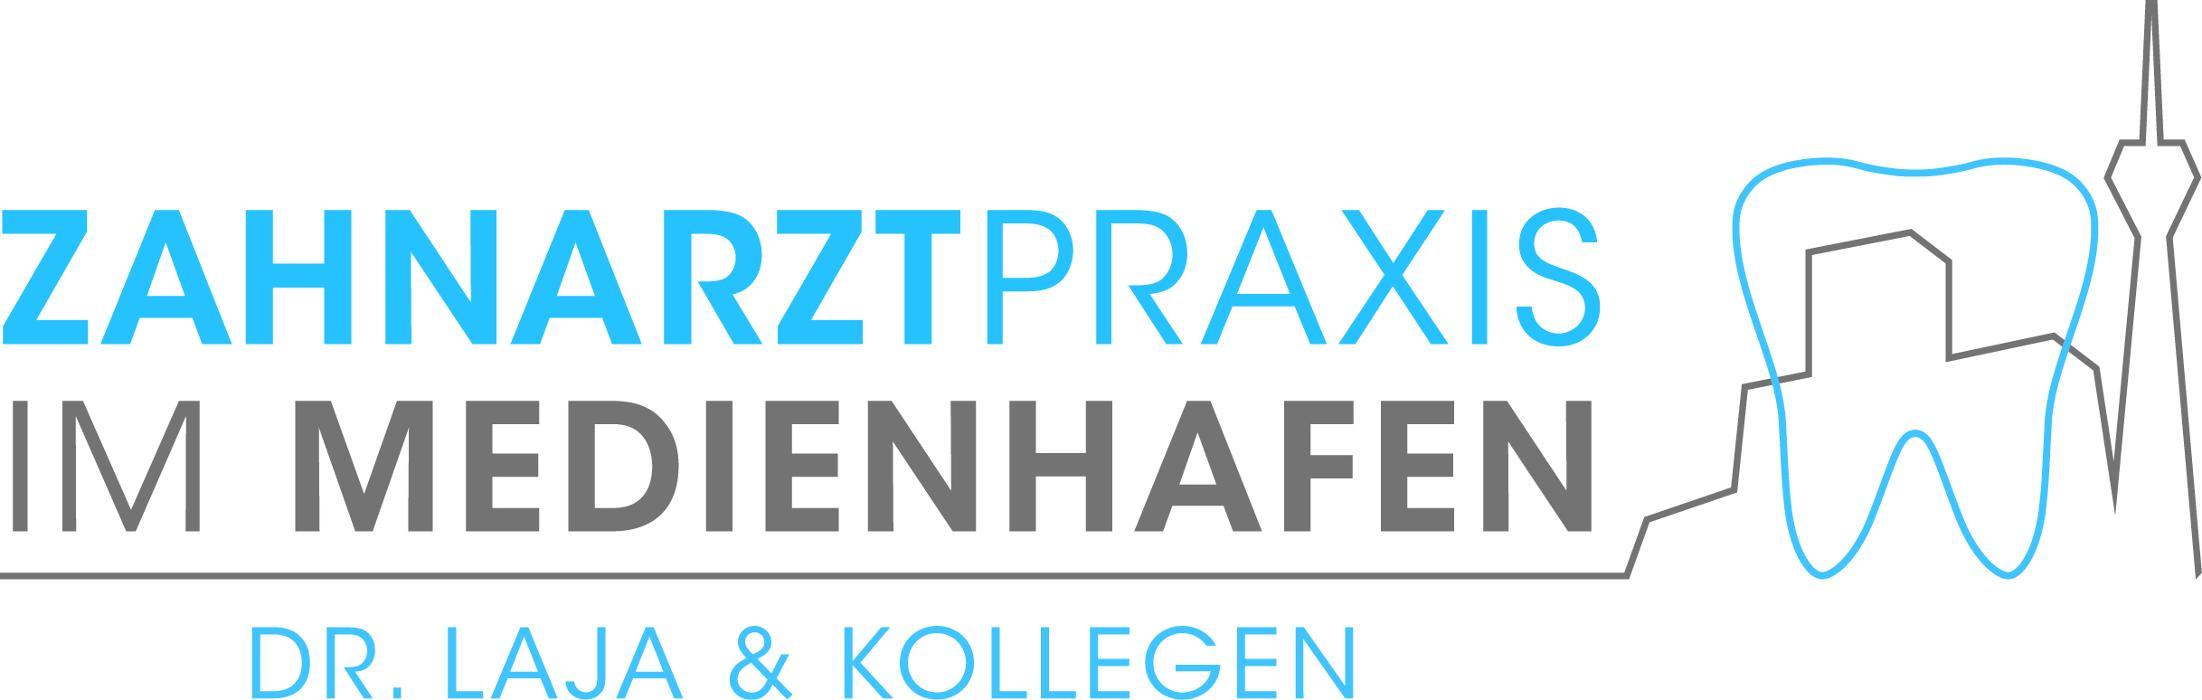 Bild zu Zahnarztpraxis Dr. Laja & Kollegen im Medienhafen in Düsseldorf